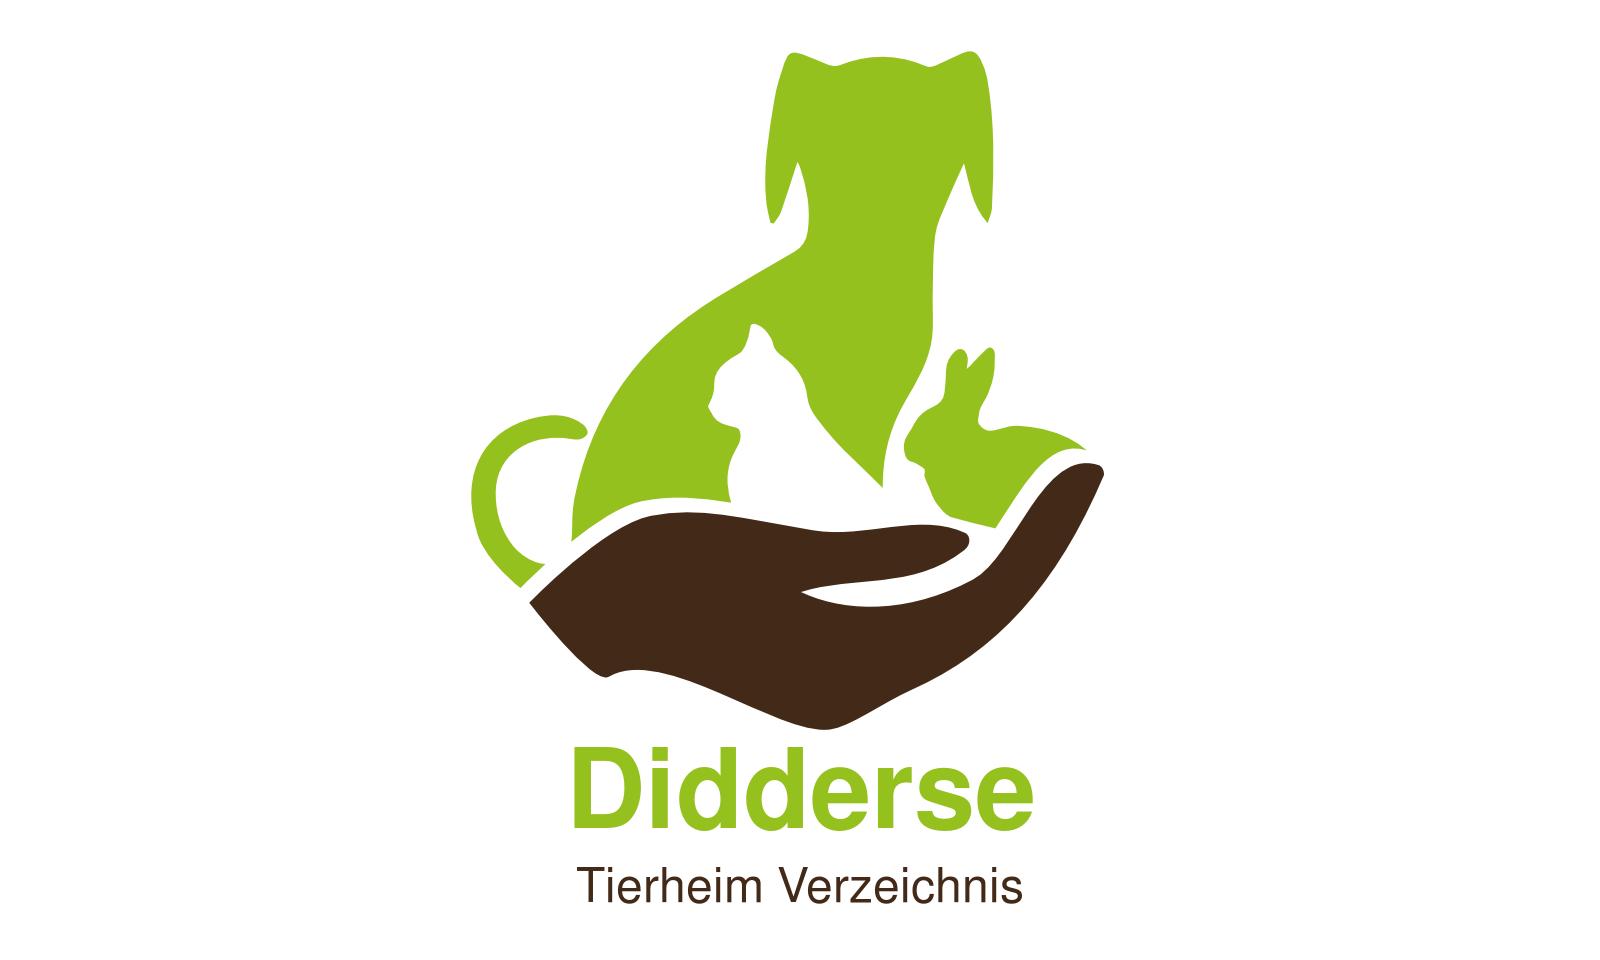 Tierheim Didderse